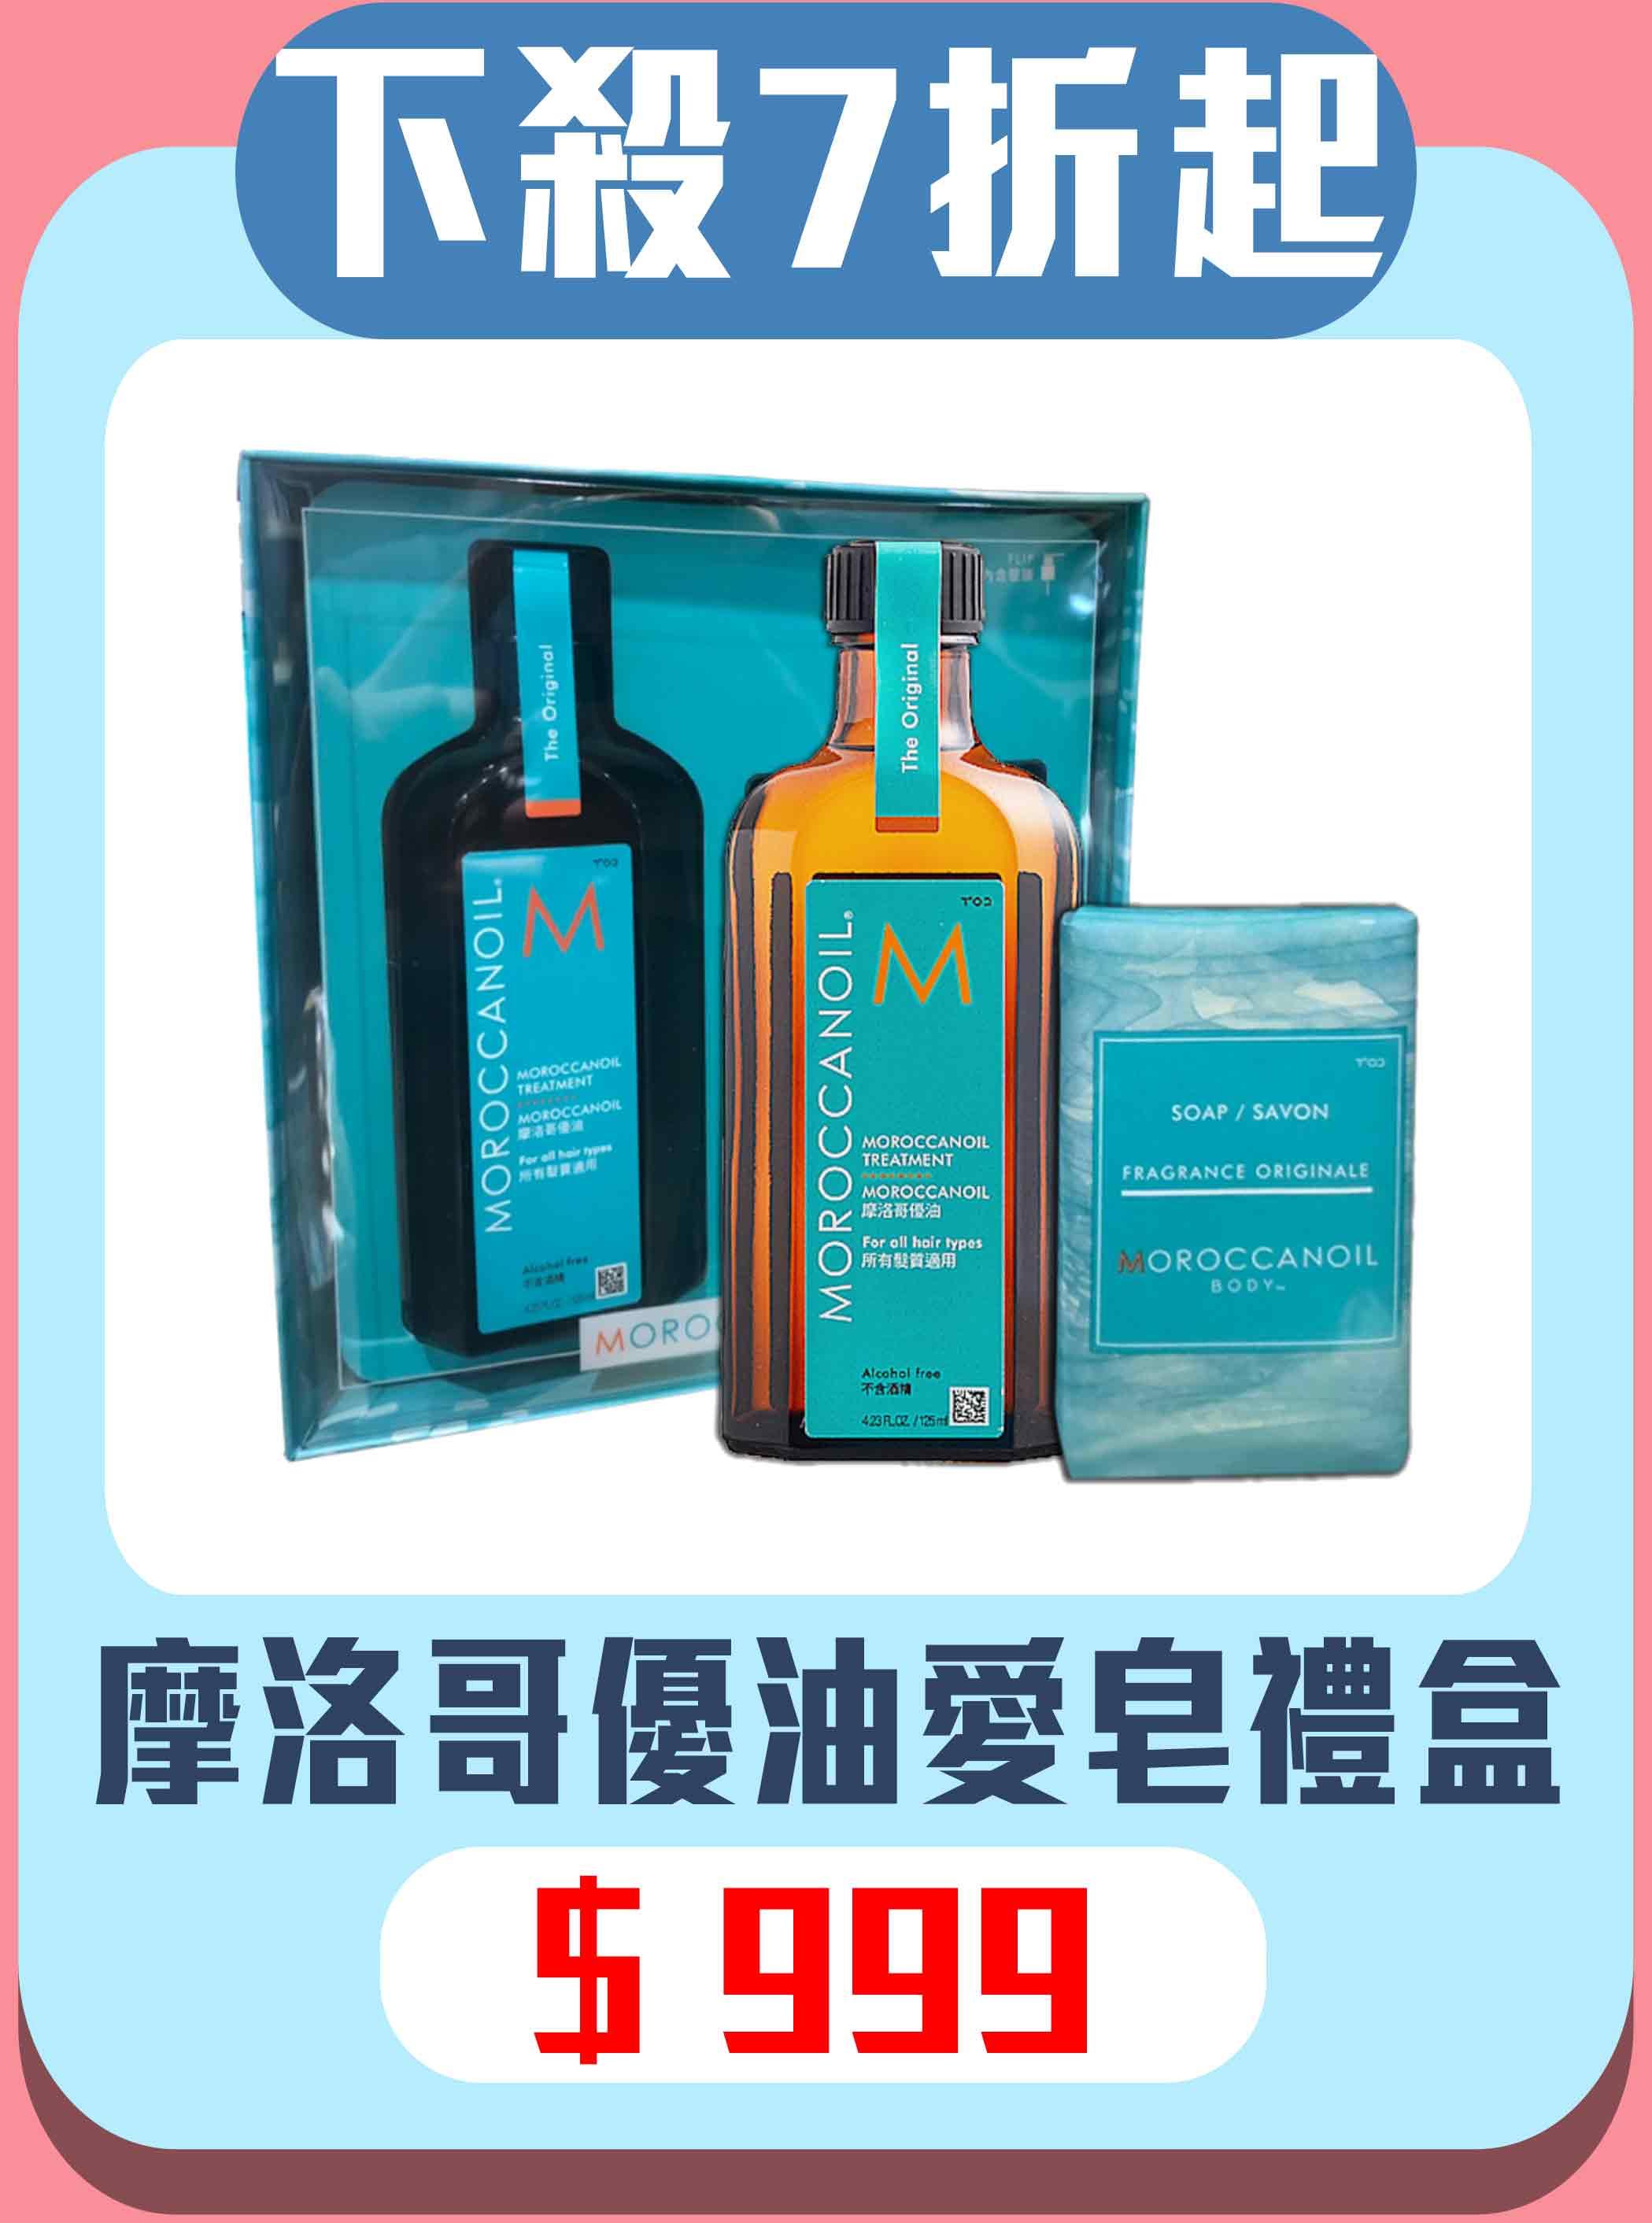 [清潔日限定] MOROCCANOIL摩洛哥優油愛皂禮盒